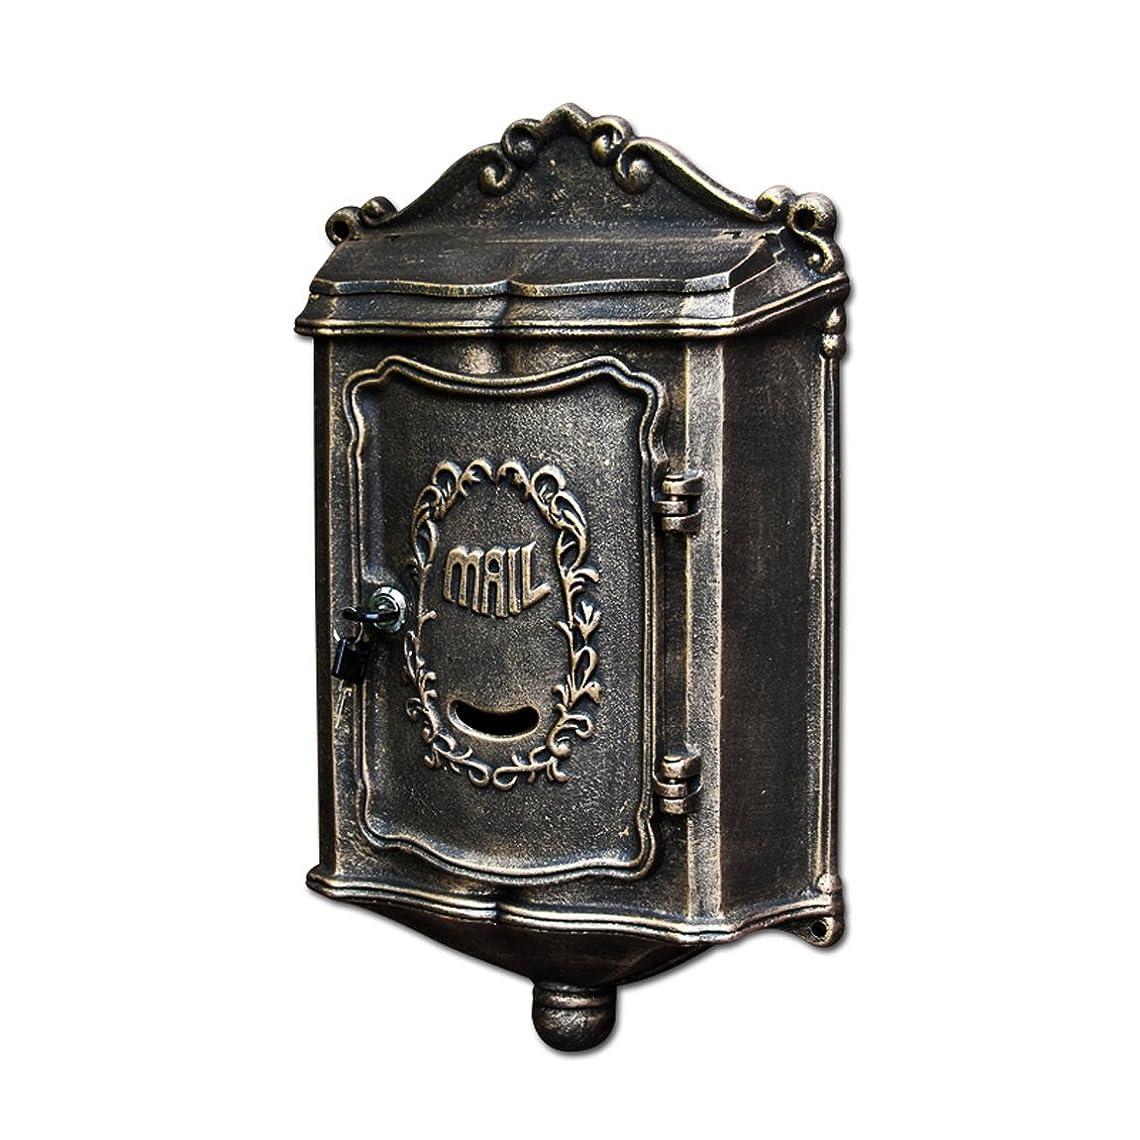 光沢鷲草HZBb ヴィラの郵便箱の外壁は、ヨーロッパスタイルのレトロなメールボックス、壁の装飾、アンティークゴールド